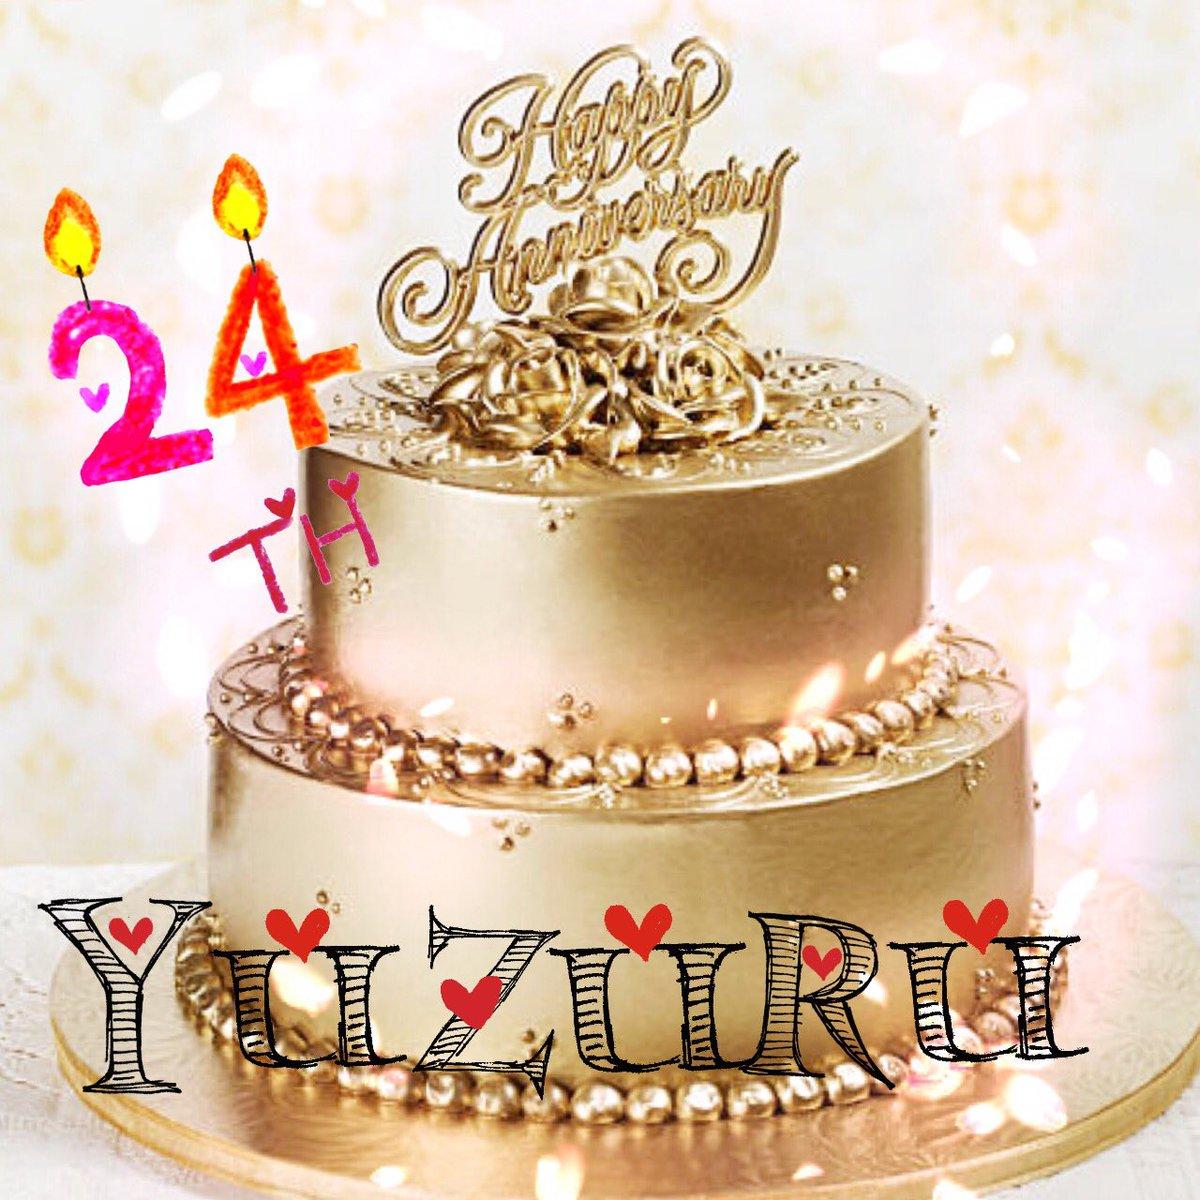 テララ🥇's photo on #happybirthdayyuzuru